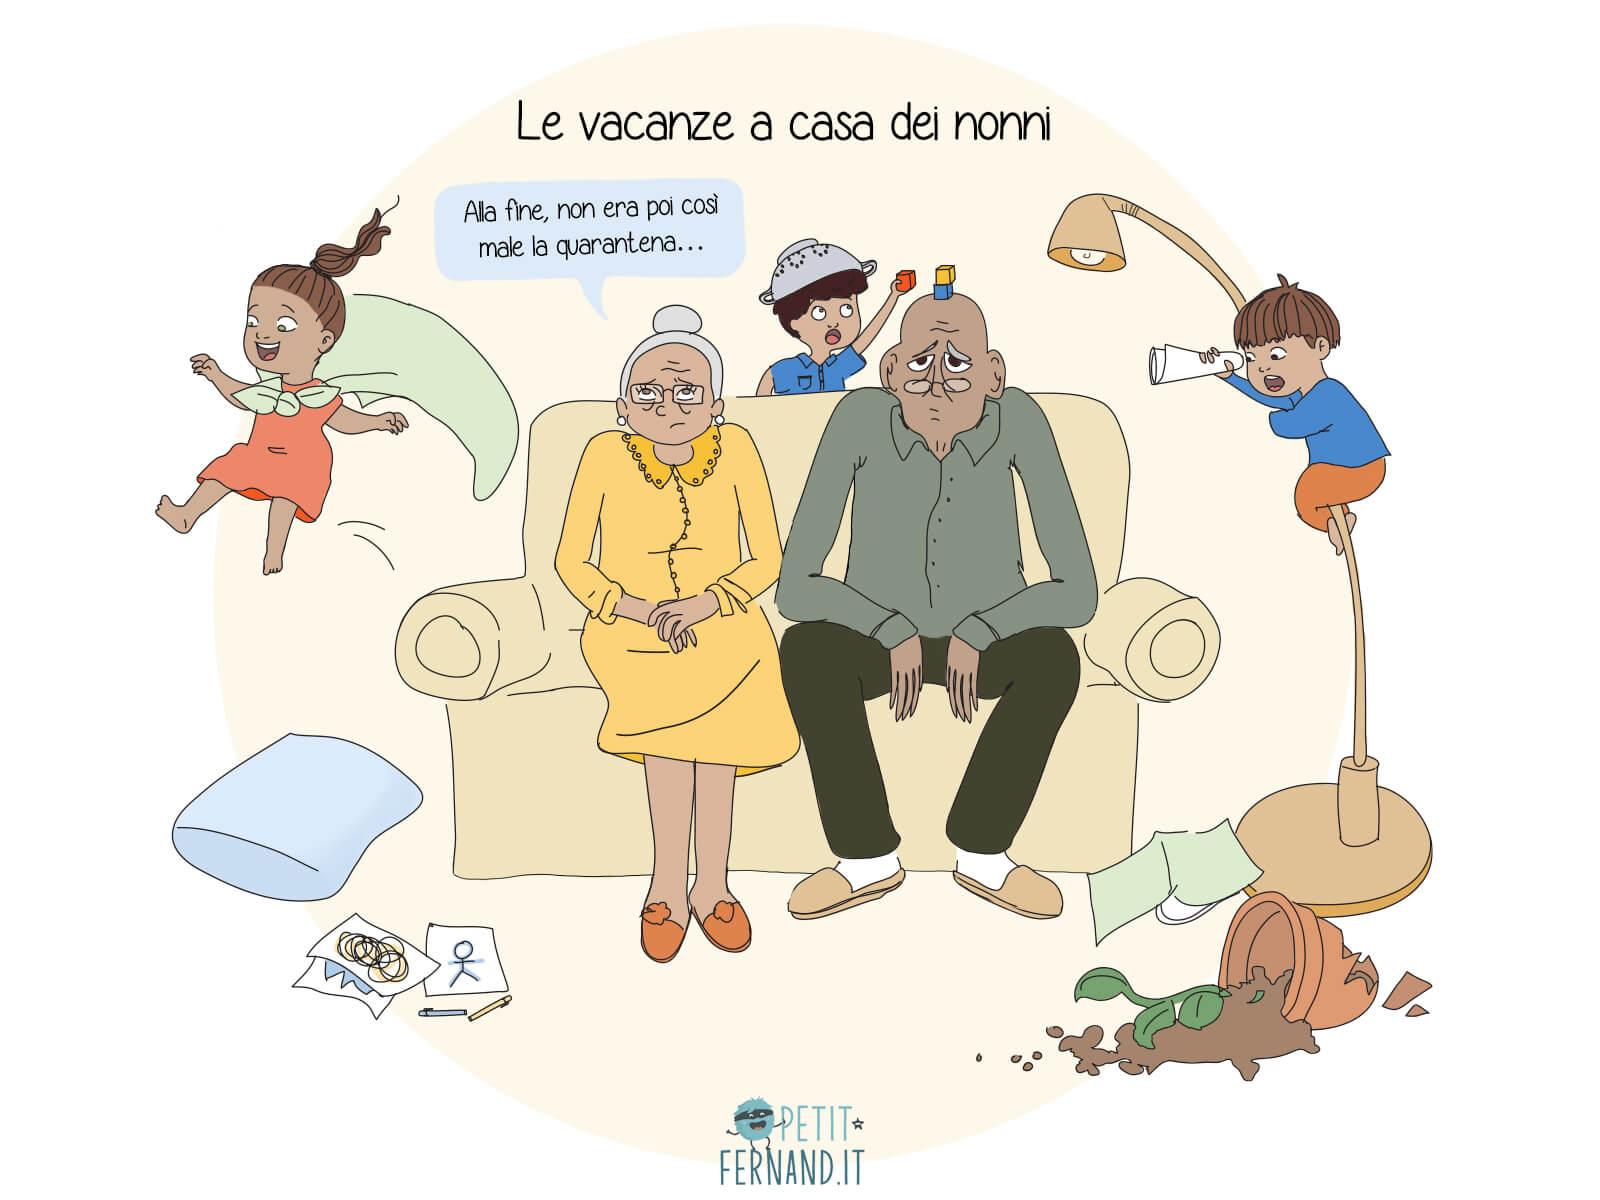 Lasciare i bambini con i nonni: un sogno, vero?